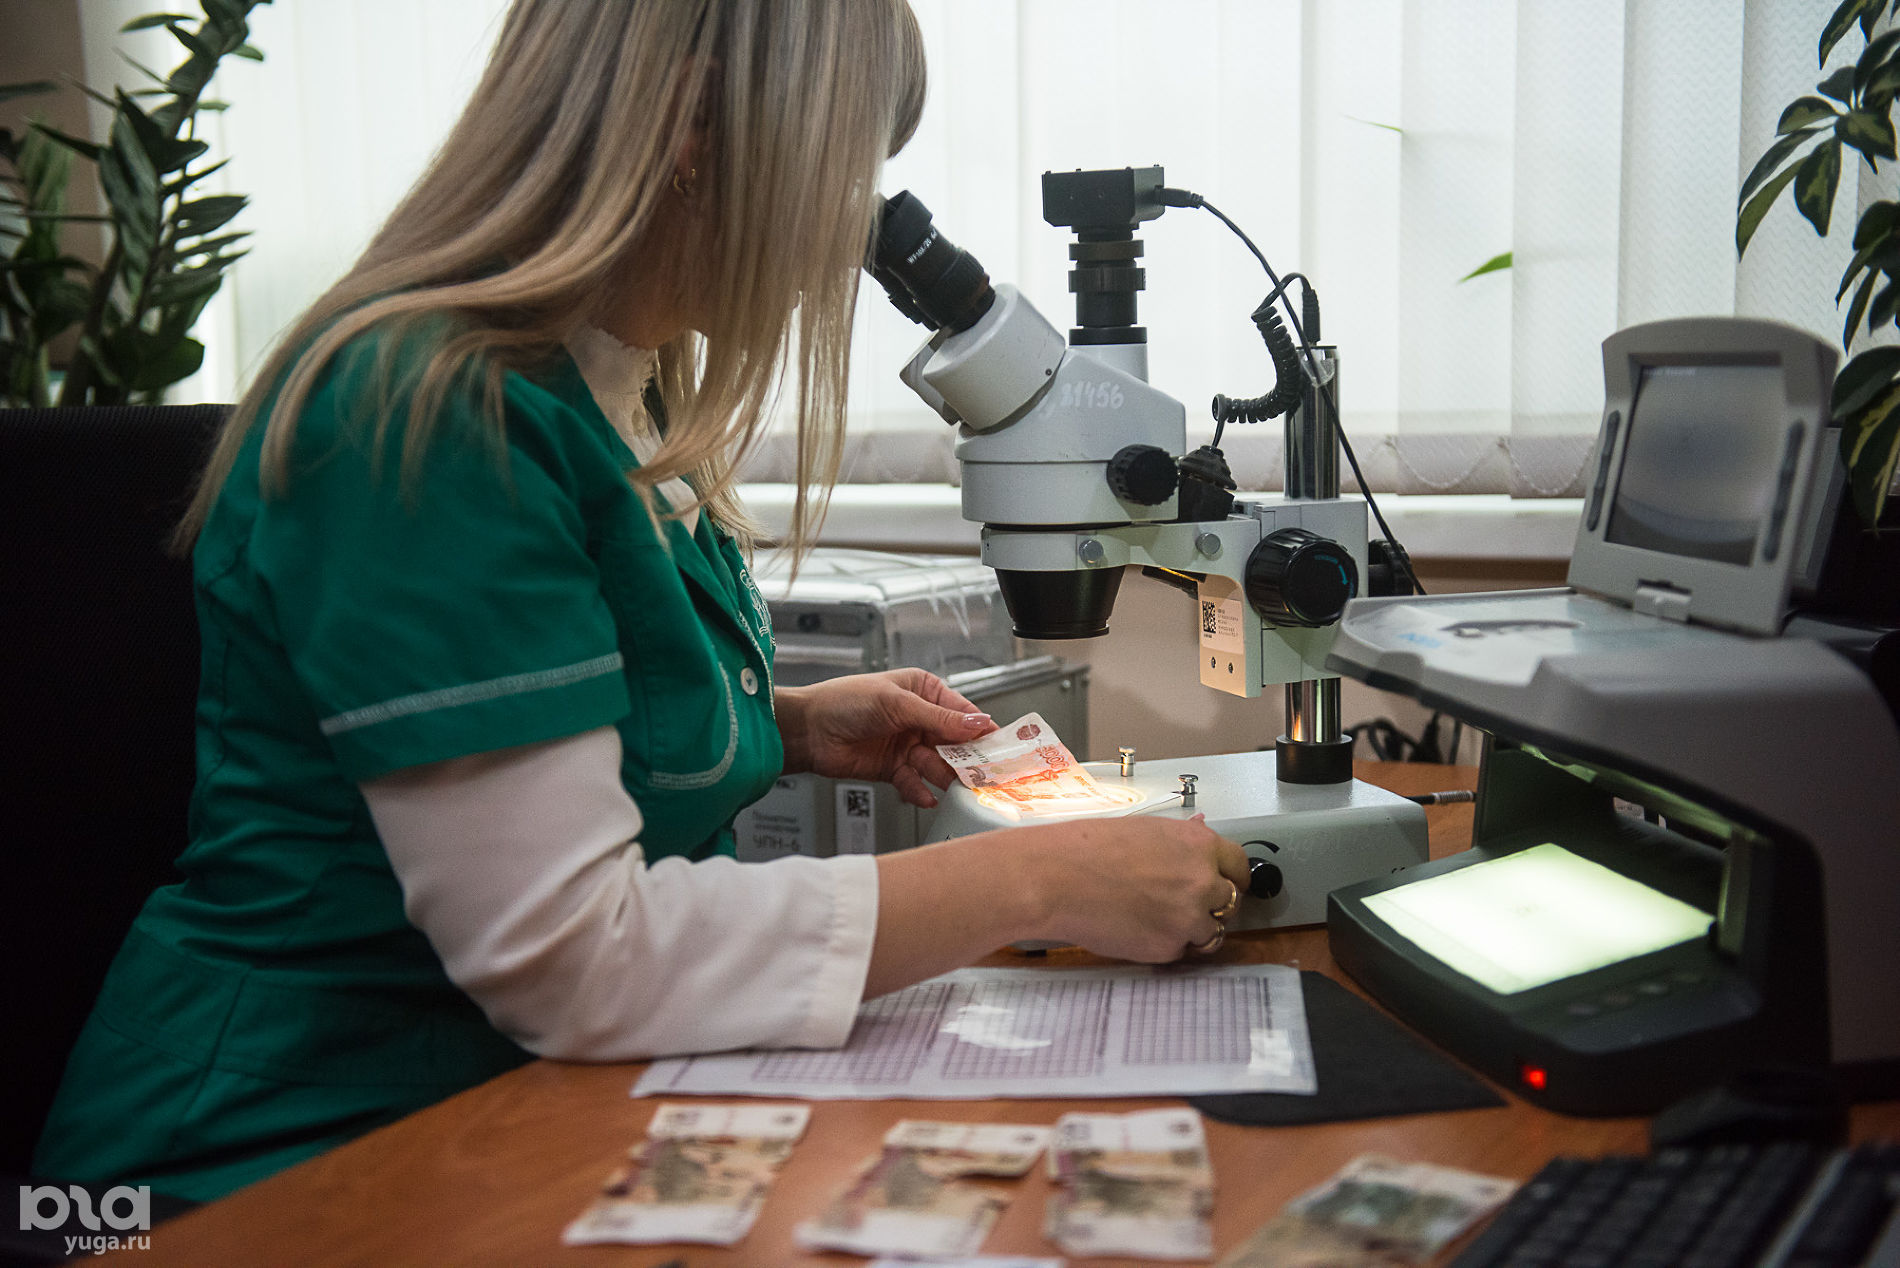 Эксперт проверяет подлинность купюры ©Фото Елены Синеок, Юга.ру